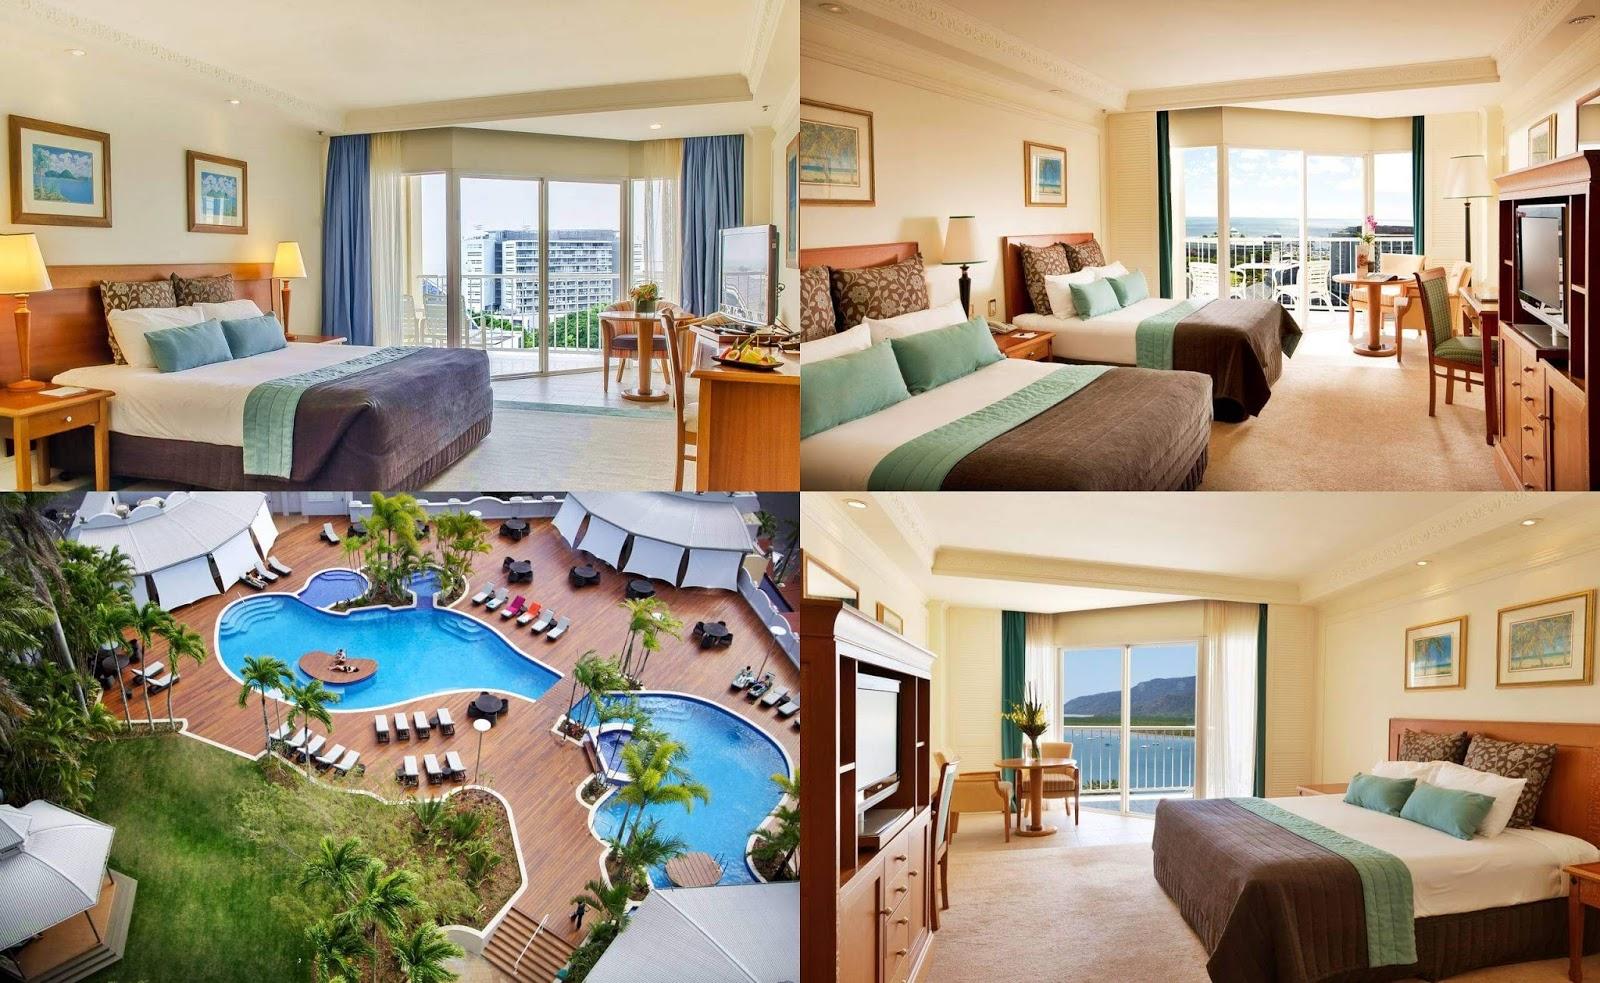 凱恩斯-住宿-推薦-瑟貝爾酒店-飯店-旅館-民宿-公寓-酒店-Cairns-Pullman-International-Hotel